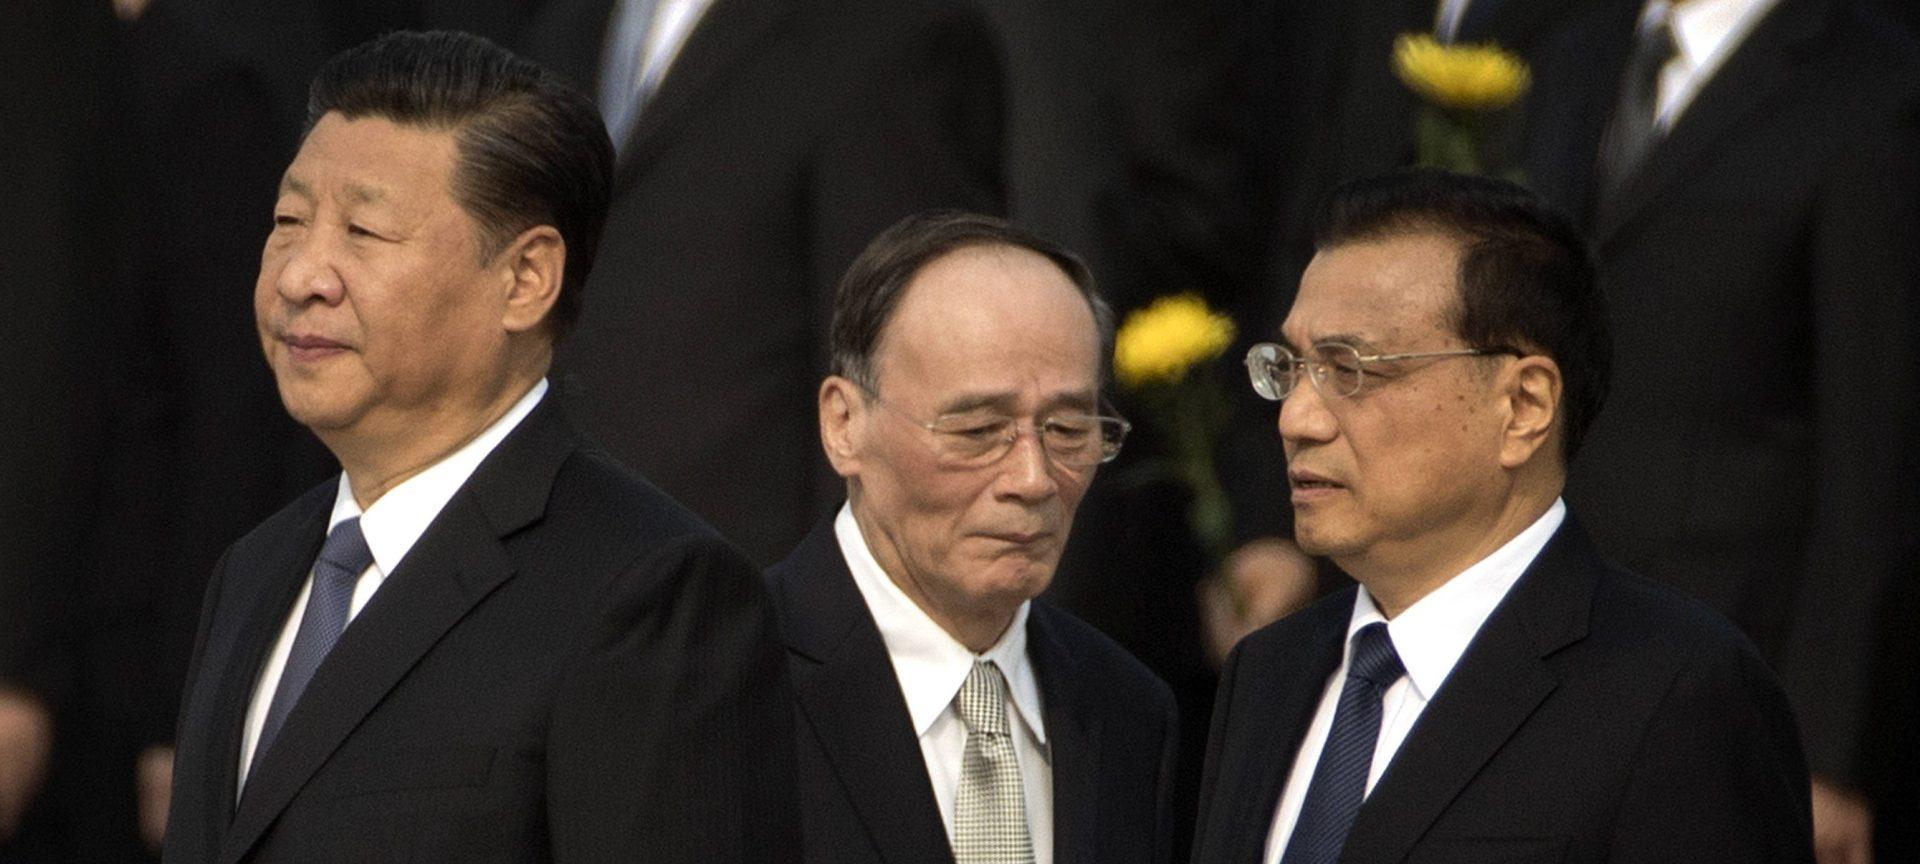 Le président chinois Xi Jinping avec son vice-président Wang Qishan et son Premier ministre Li Keqiang. (Source : Nikkei Asian Review)